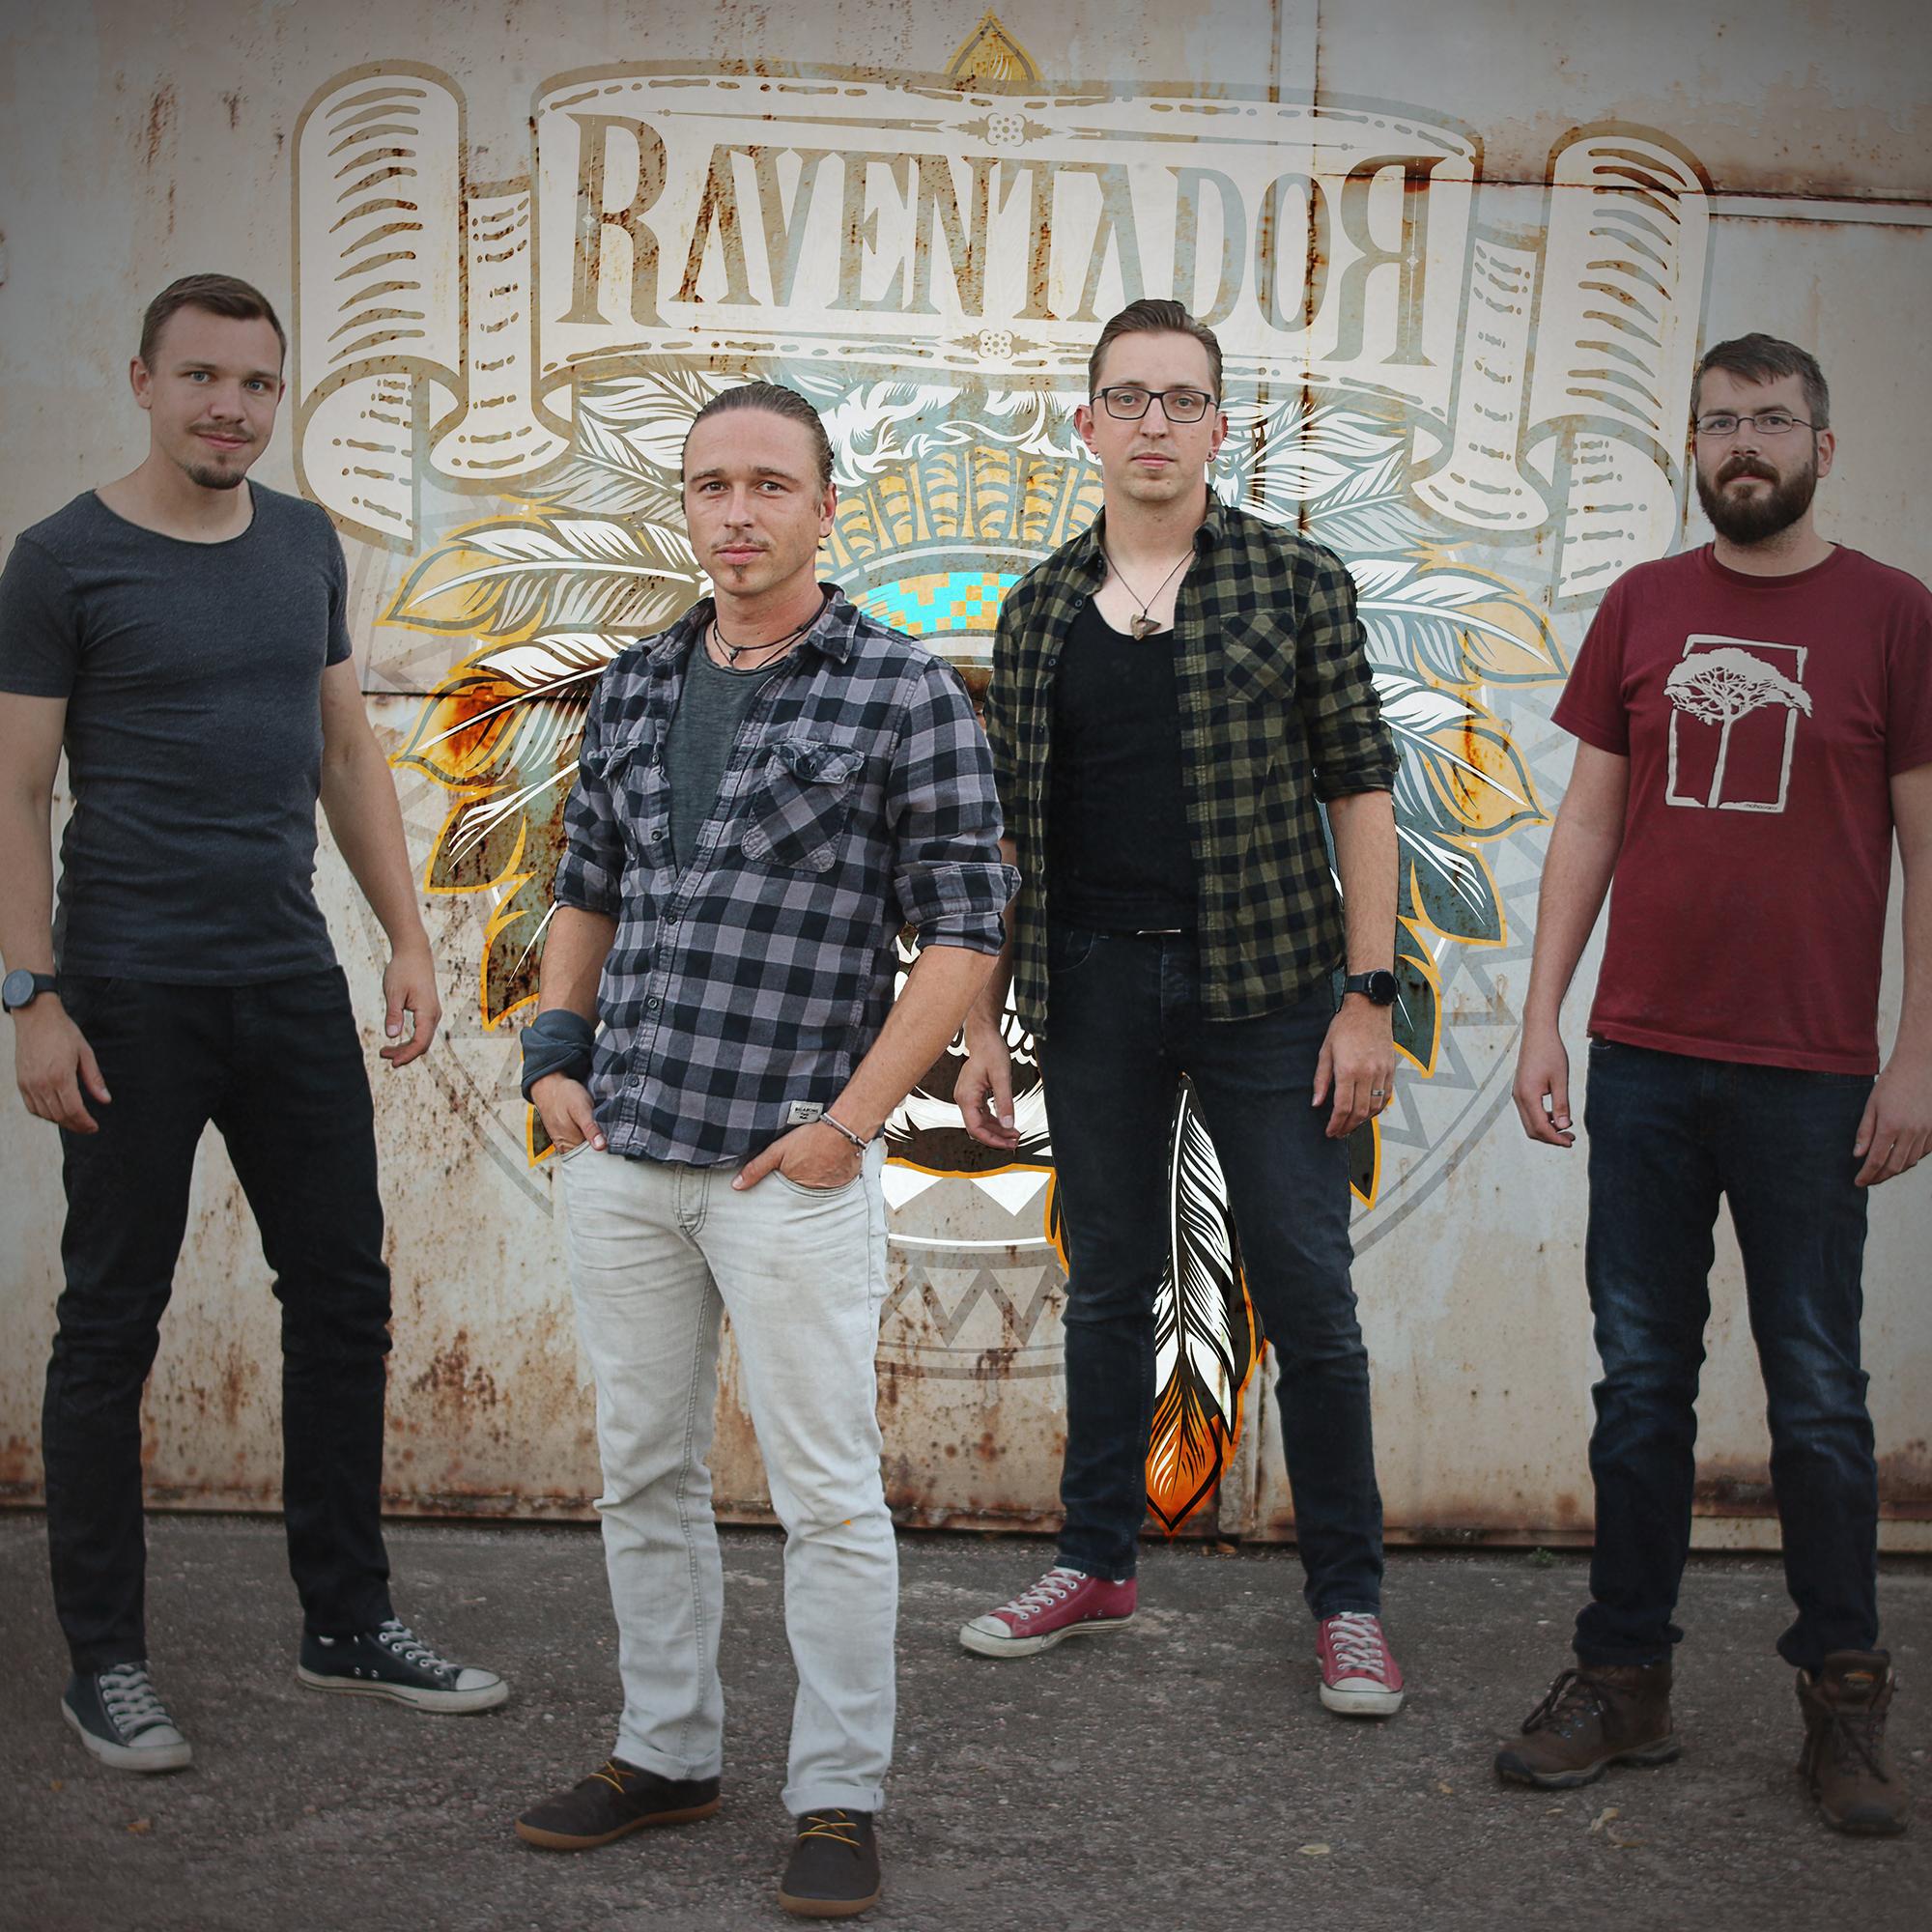 """RAVENTADOR: Video zur neuen Single """"PORRM"""" online"""